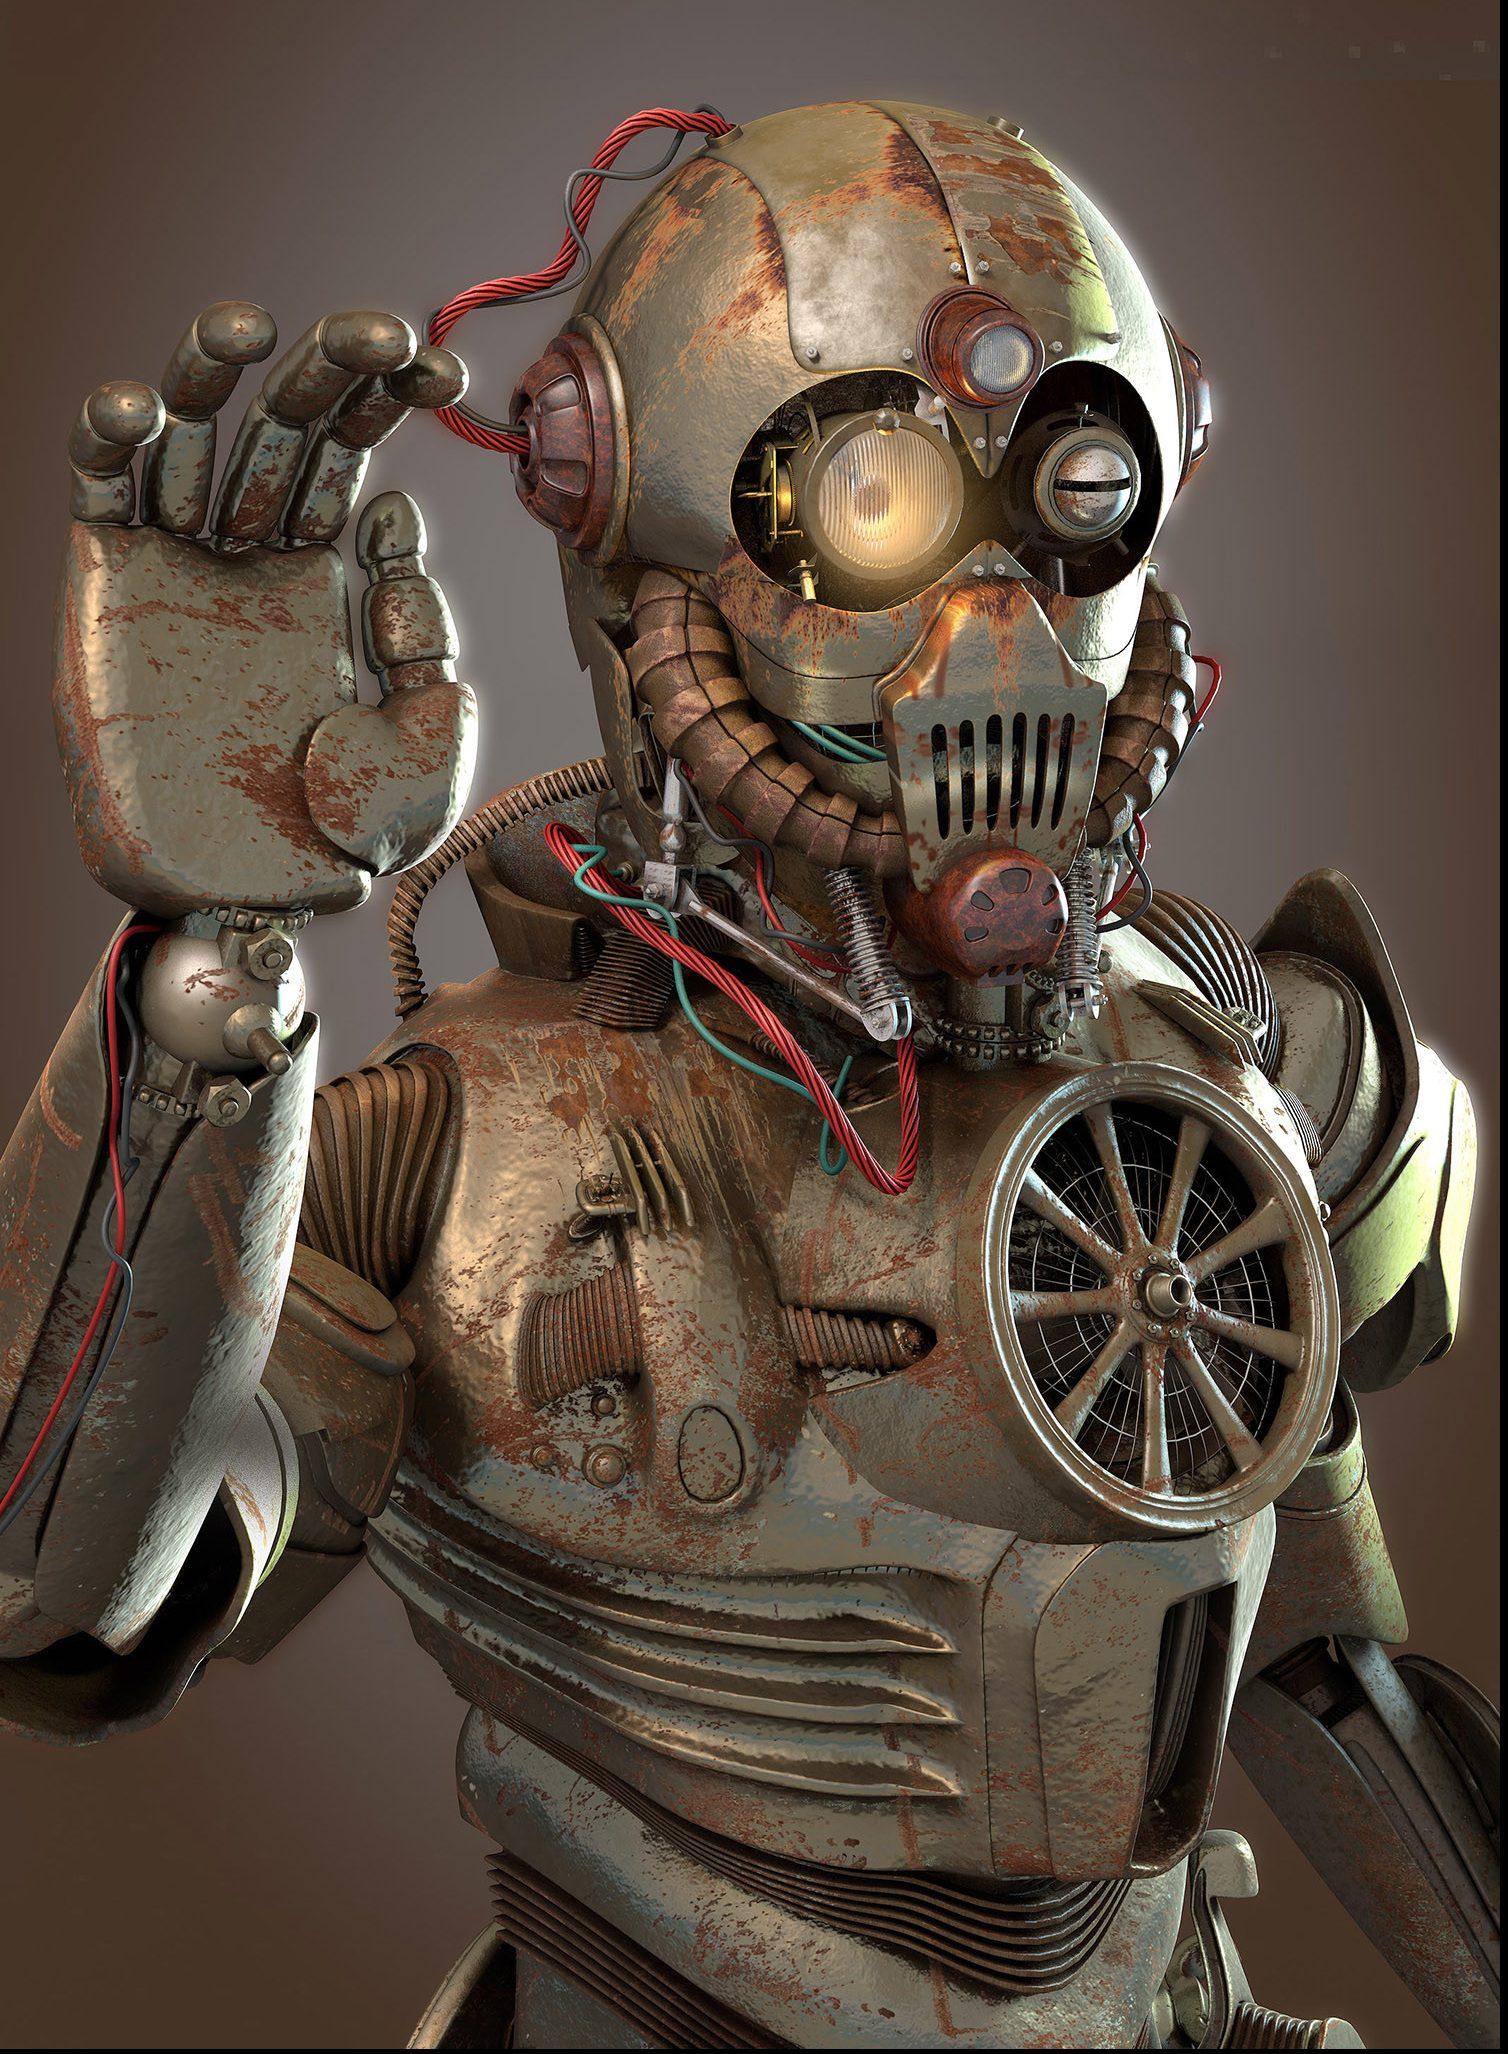 diseño asombroso robot steampunk